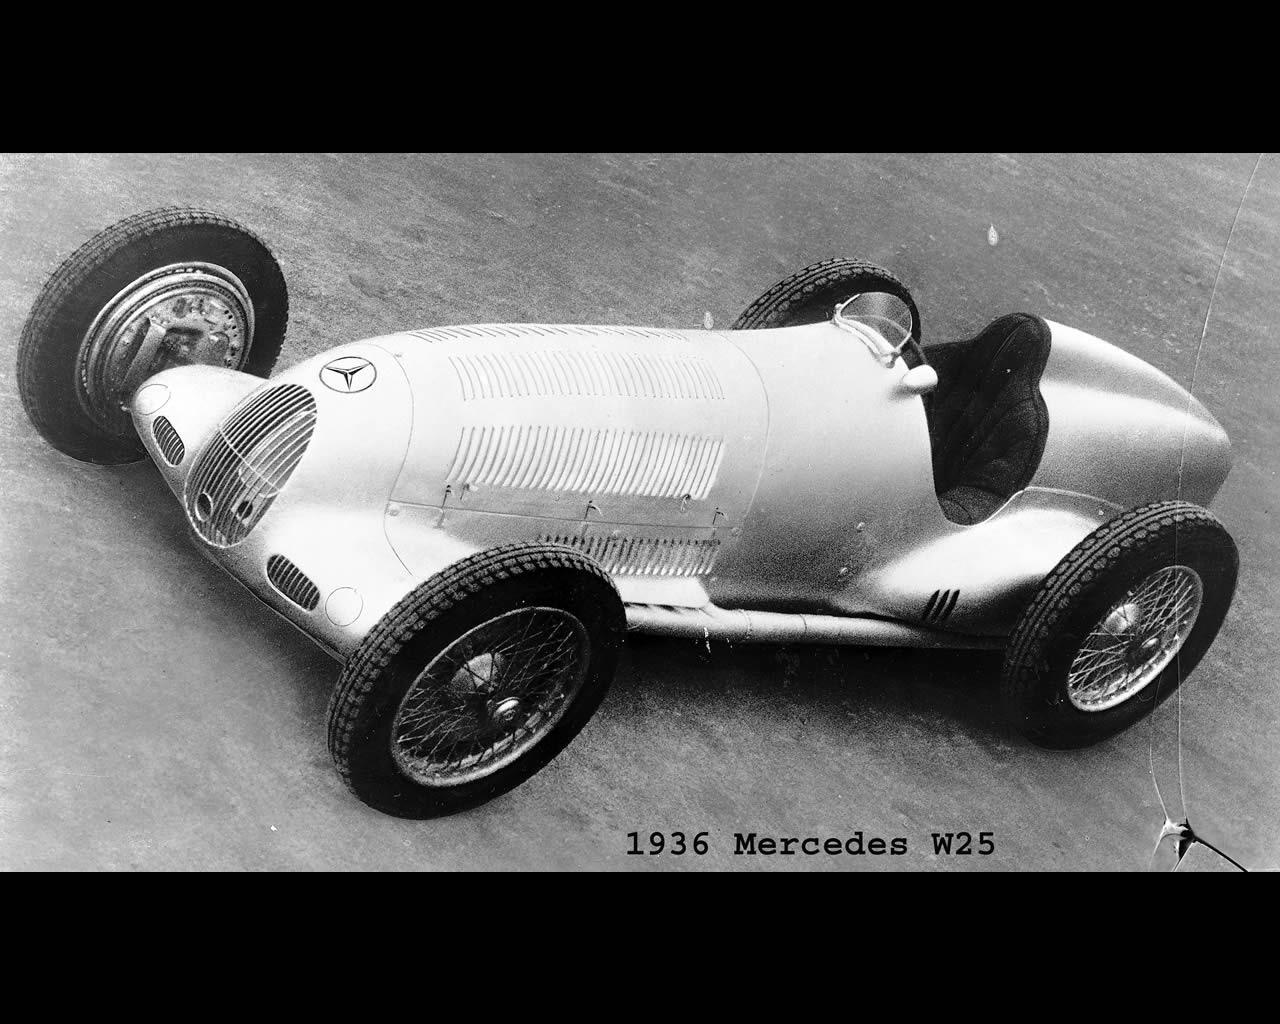 Mercedes Silver Arrow W25 1934 1936